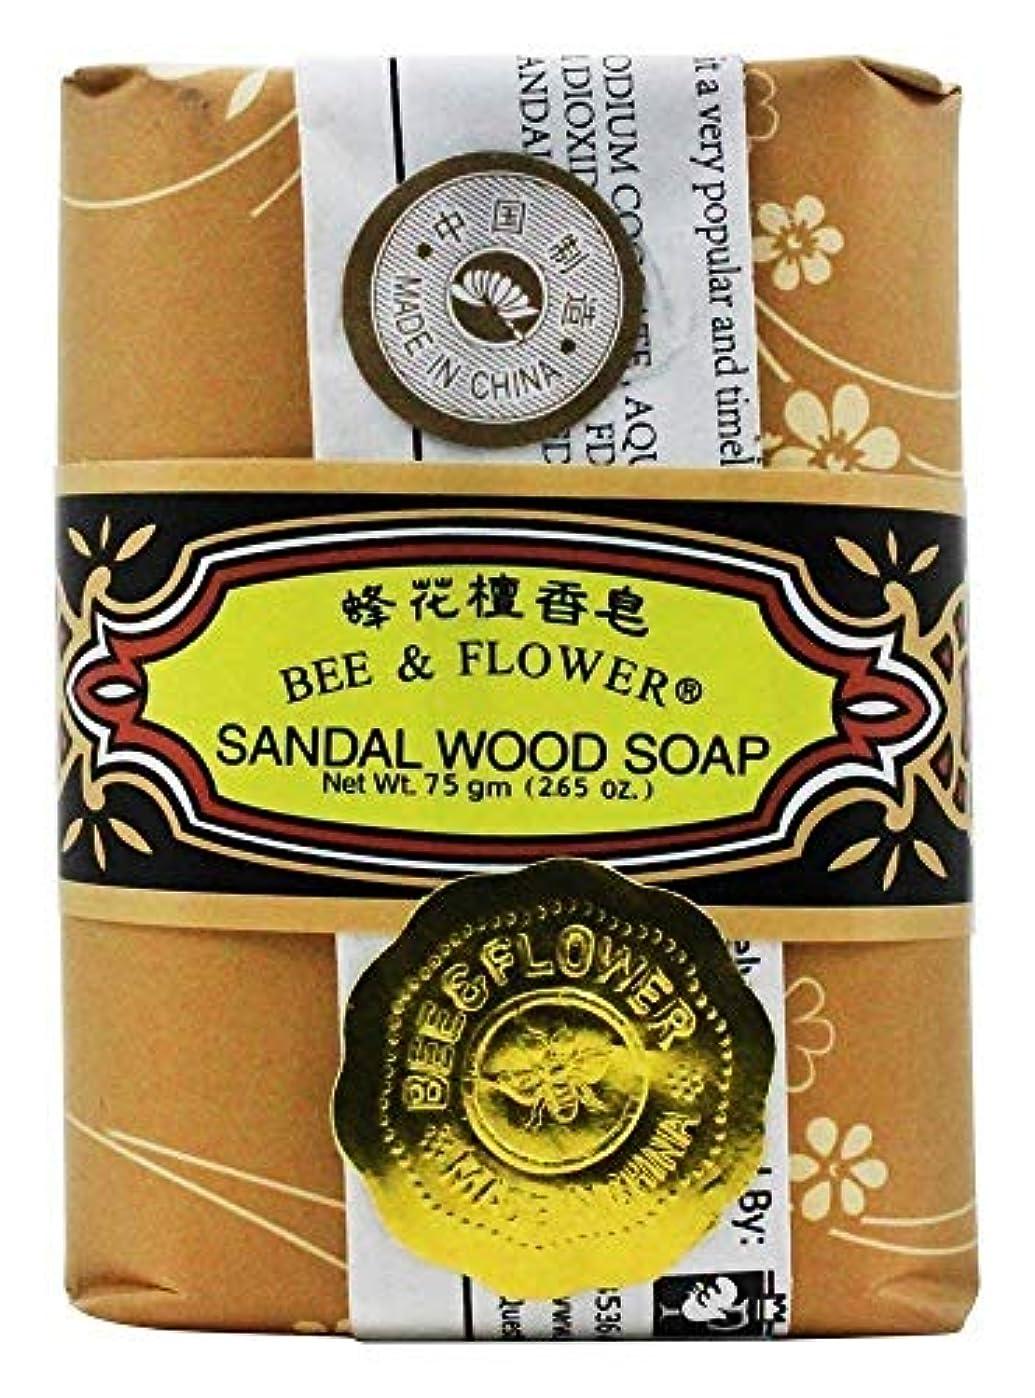 ふくろうインスタント多様性海外直送品 BEE & FLOWER SOAP Bar Soap Sandalwood, 2.65 Oz